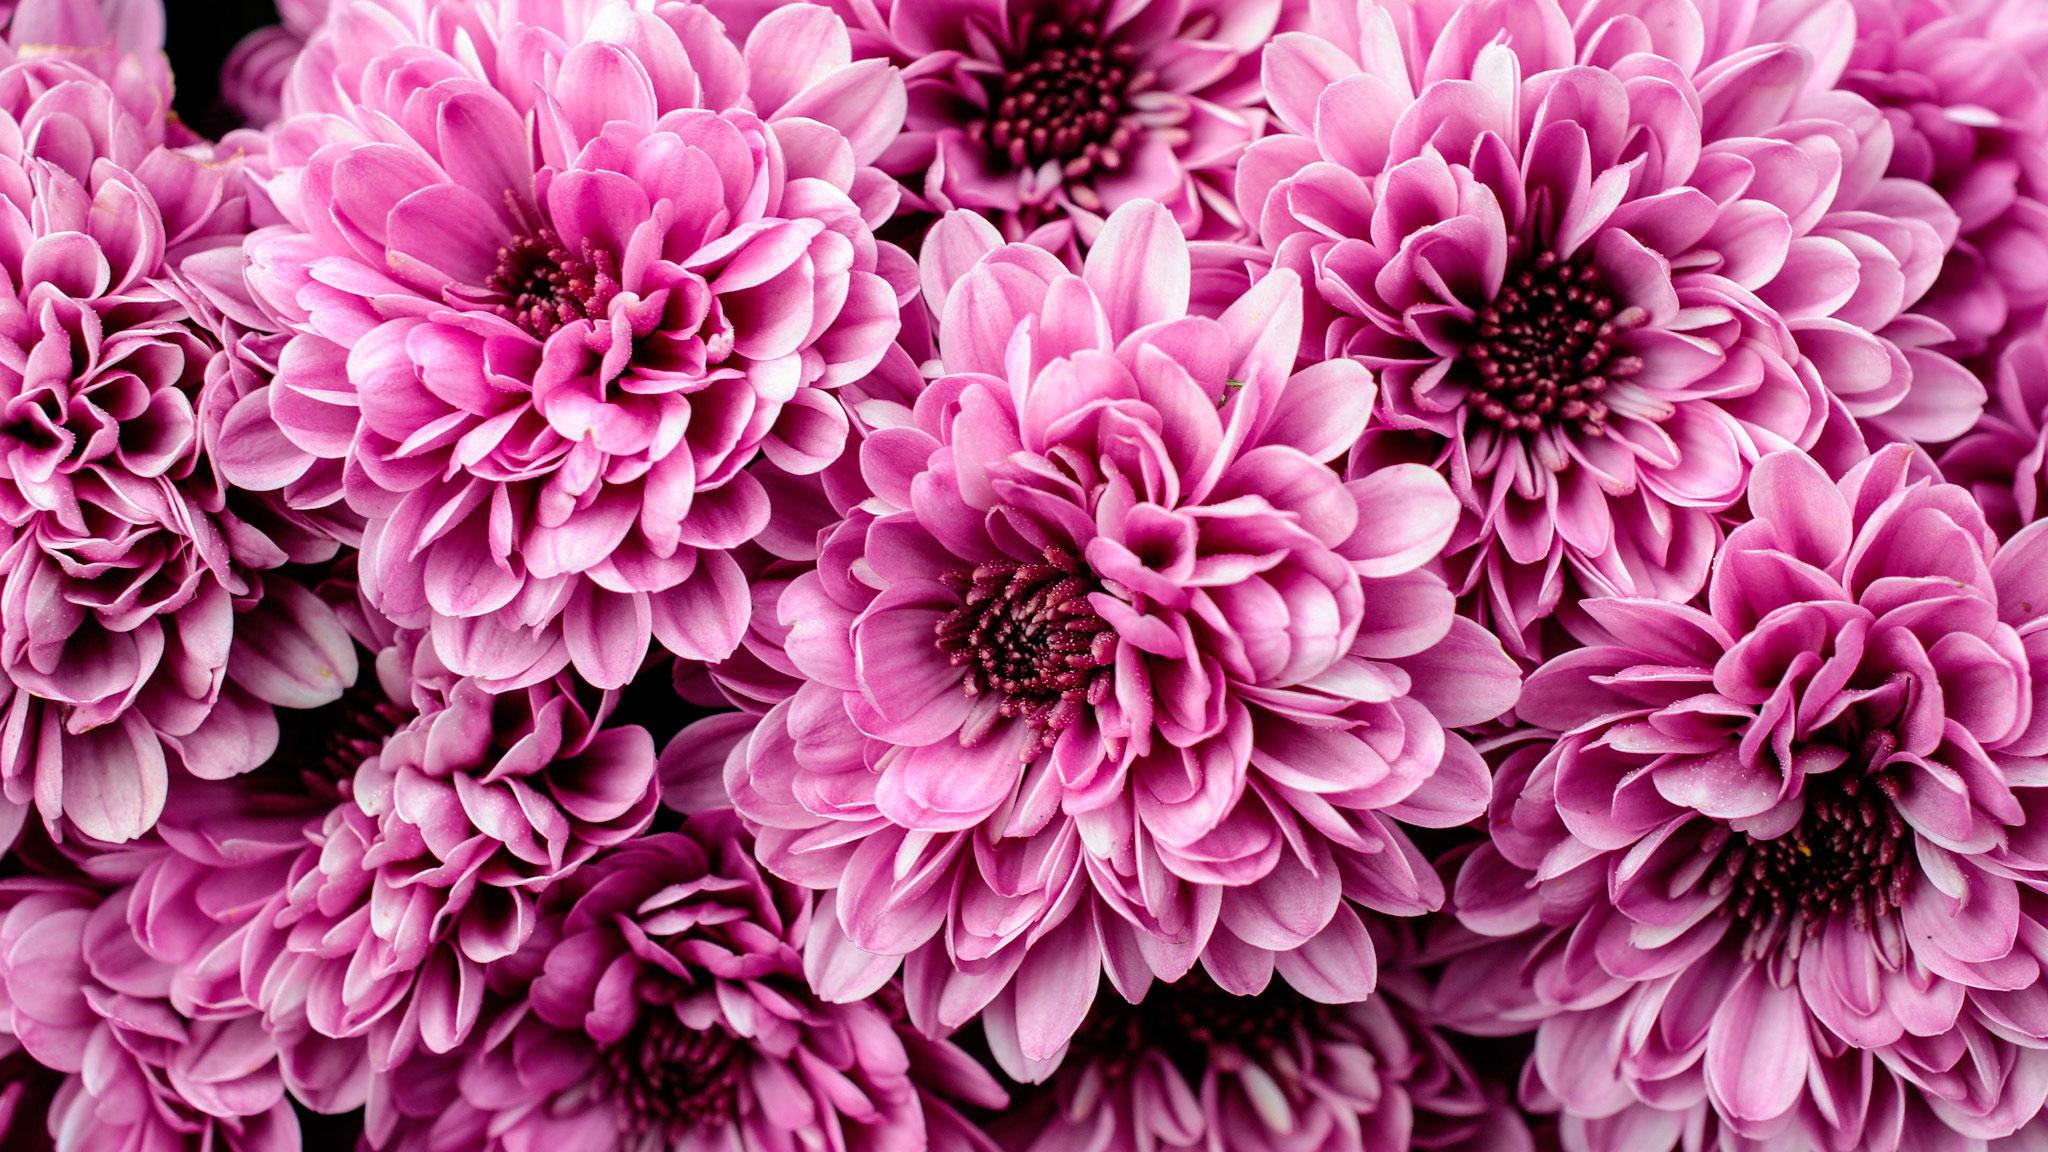 Обои на рабочий стол Цветы хризантемы   подборка (6)